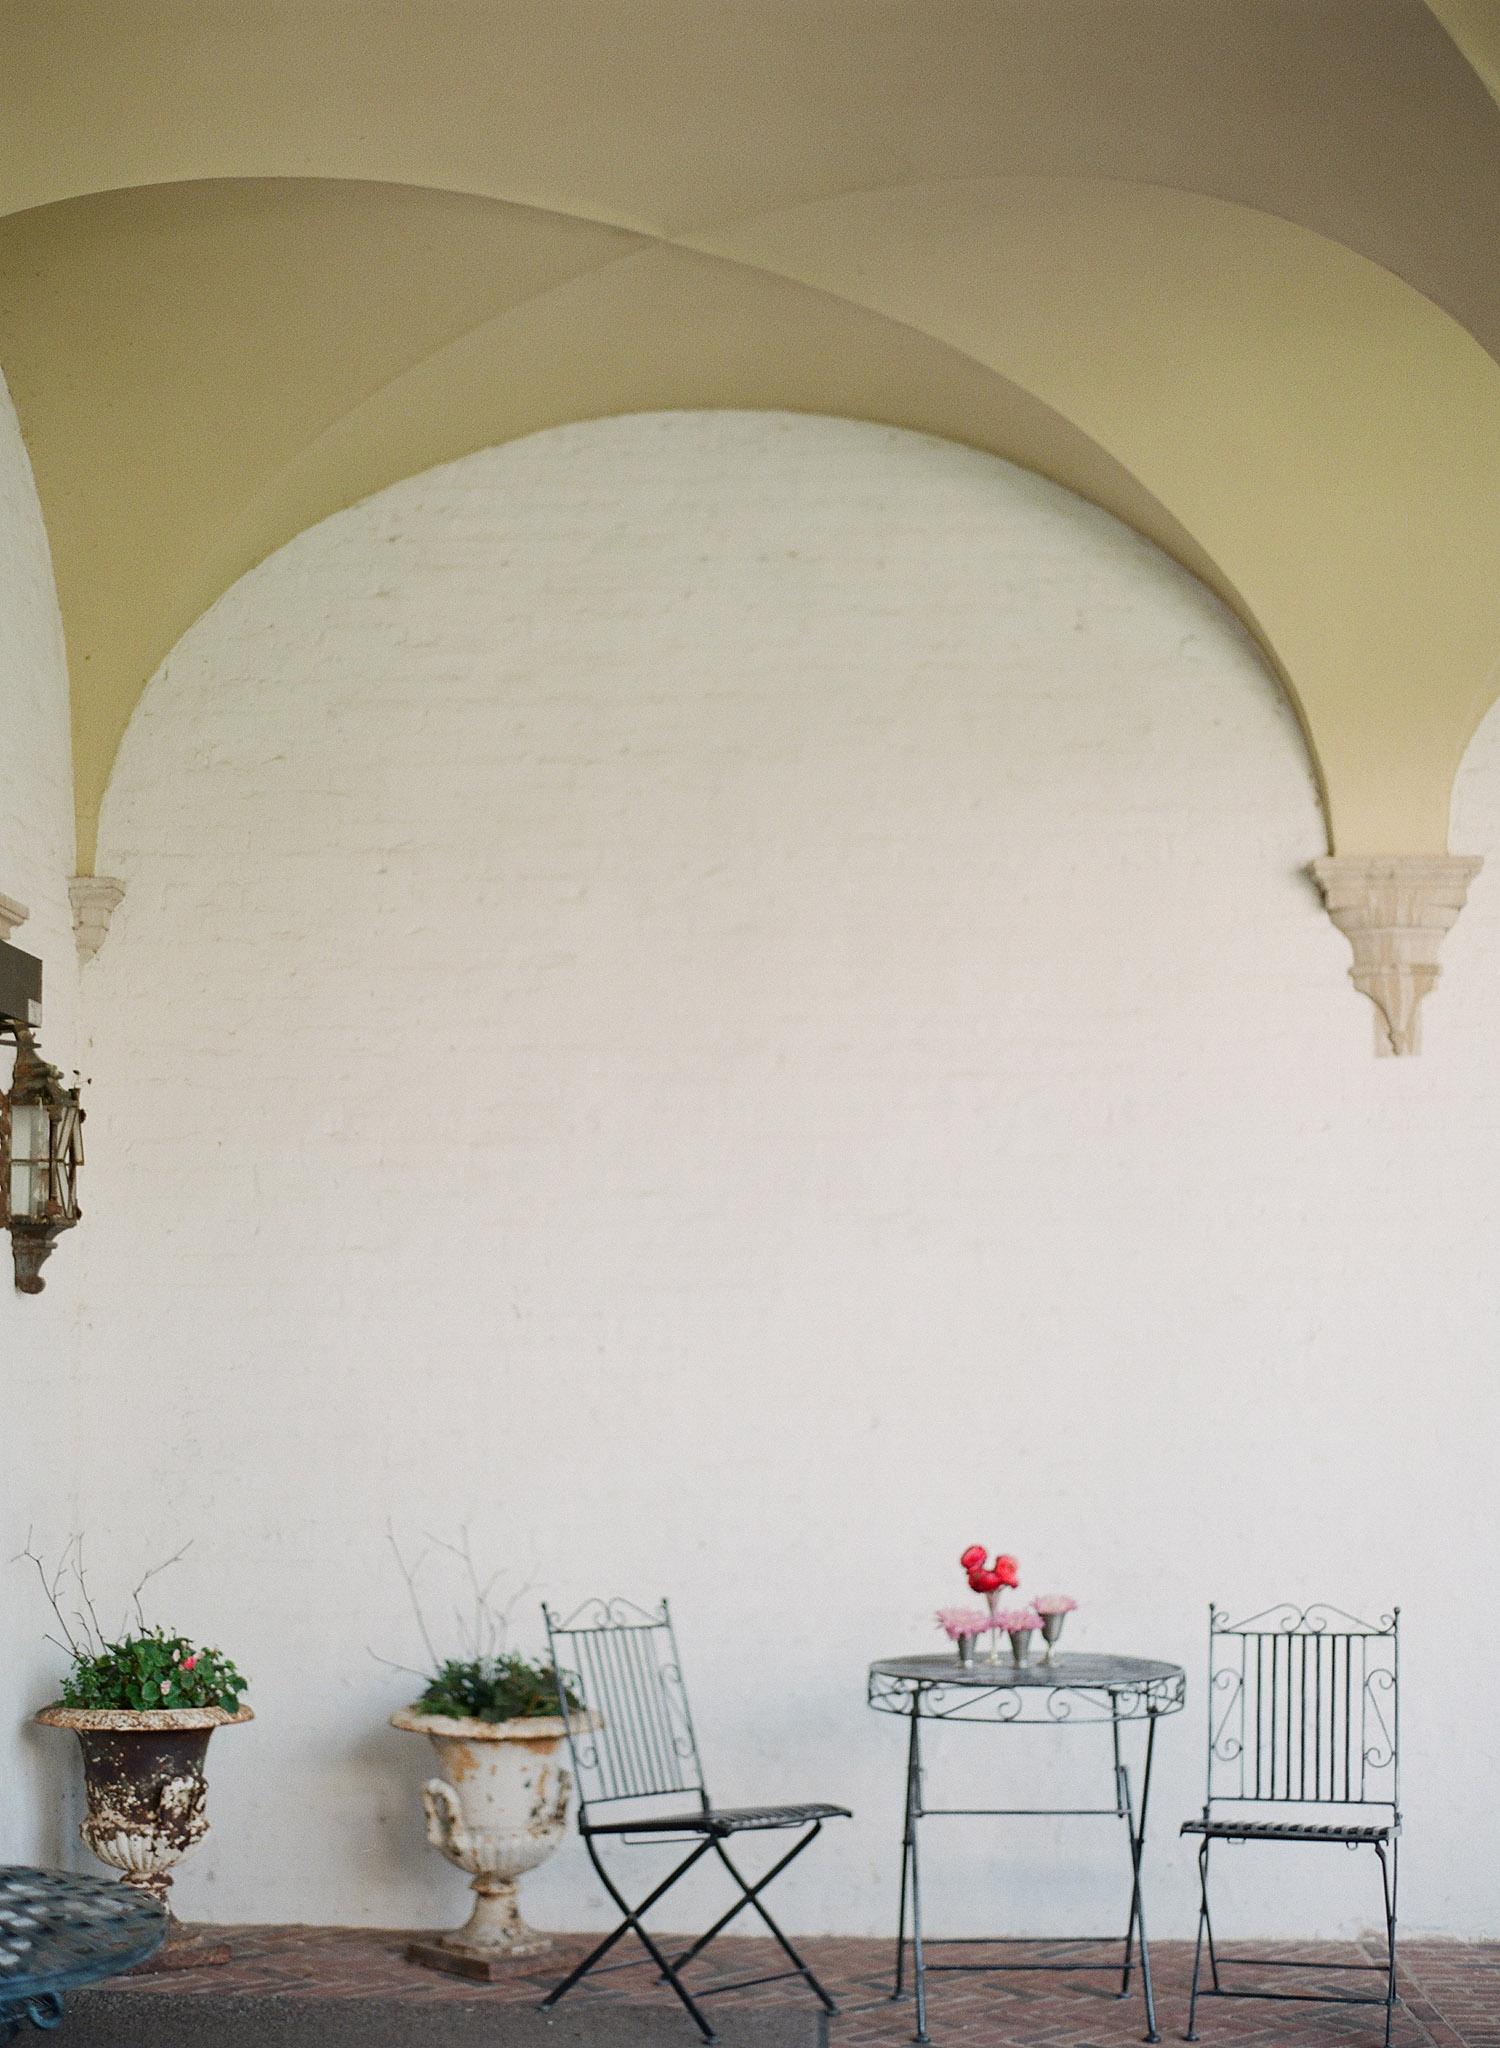 Destination wedding film photographer Lexia Frank photographs an Italian wedding at the Italian Villa, Villa Terrace.